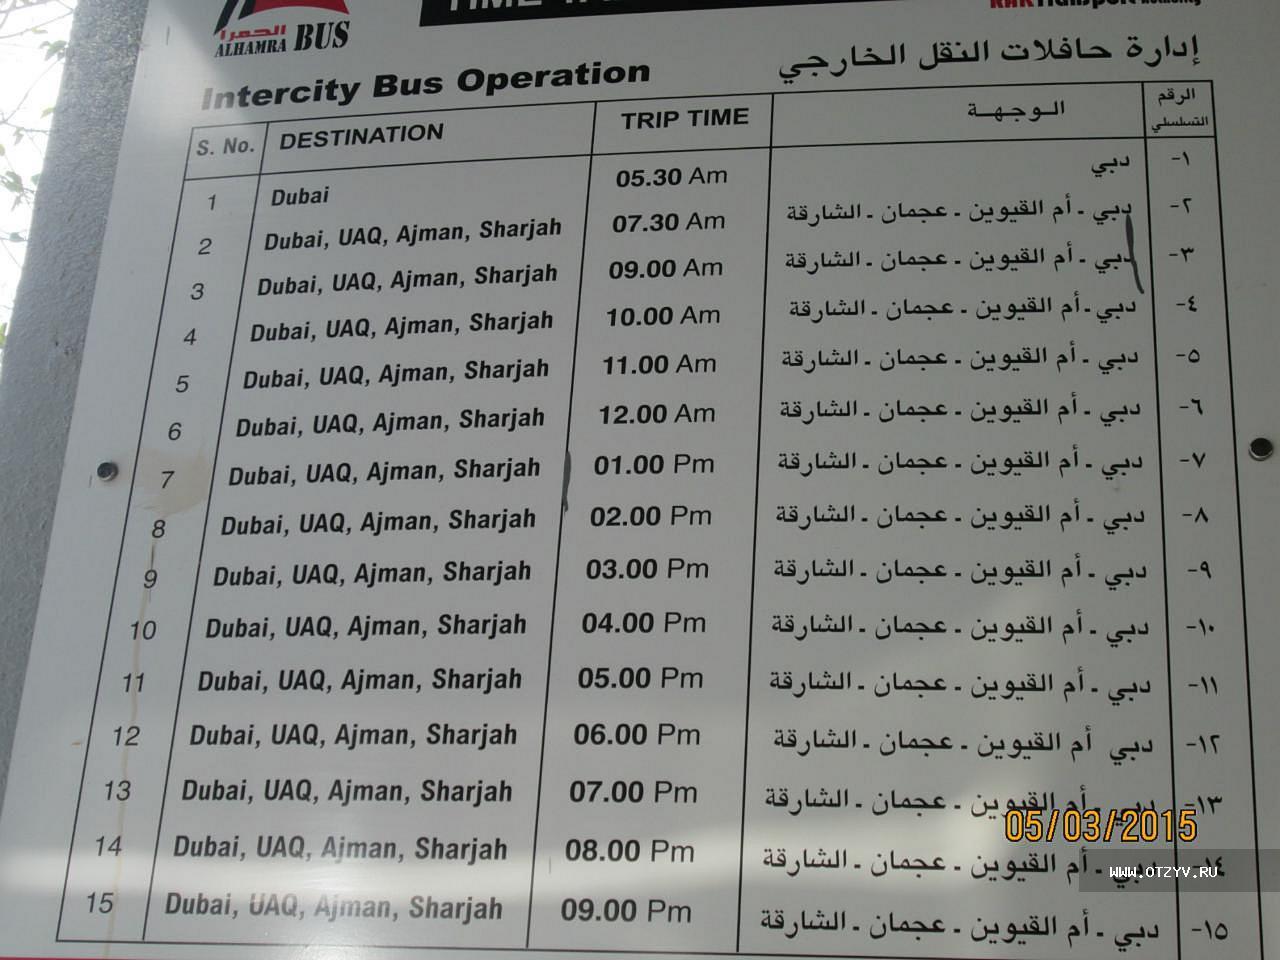 расписание автобусов дубай